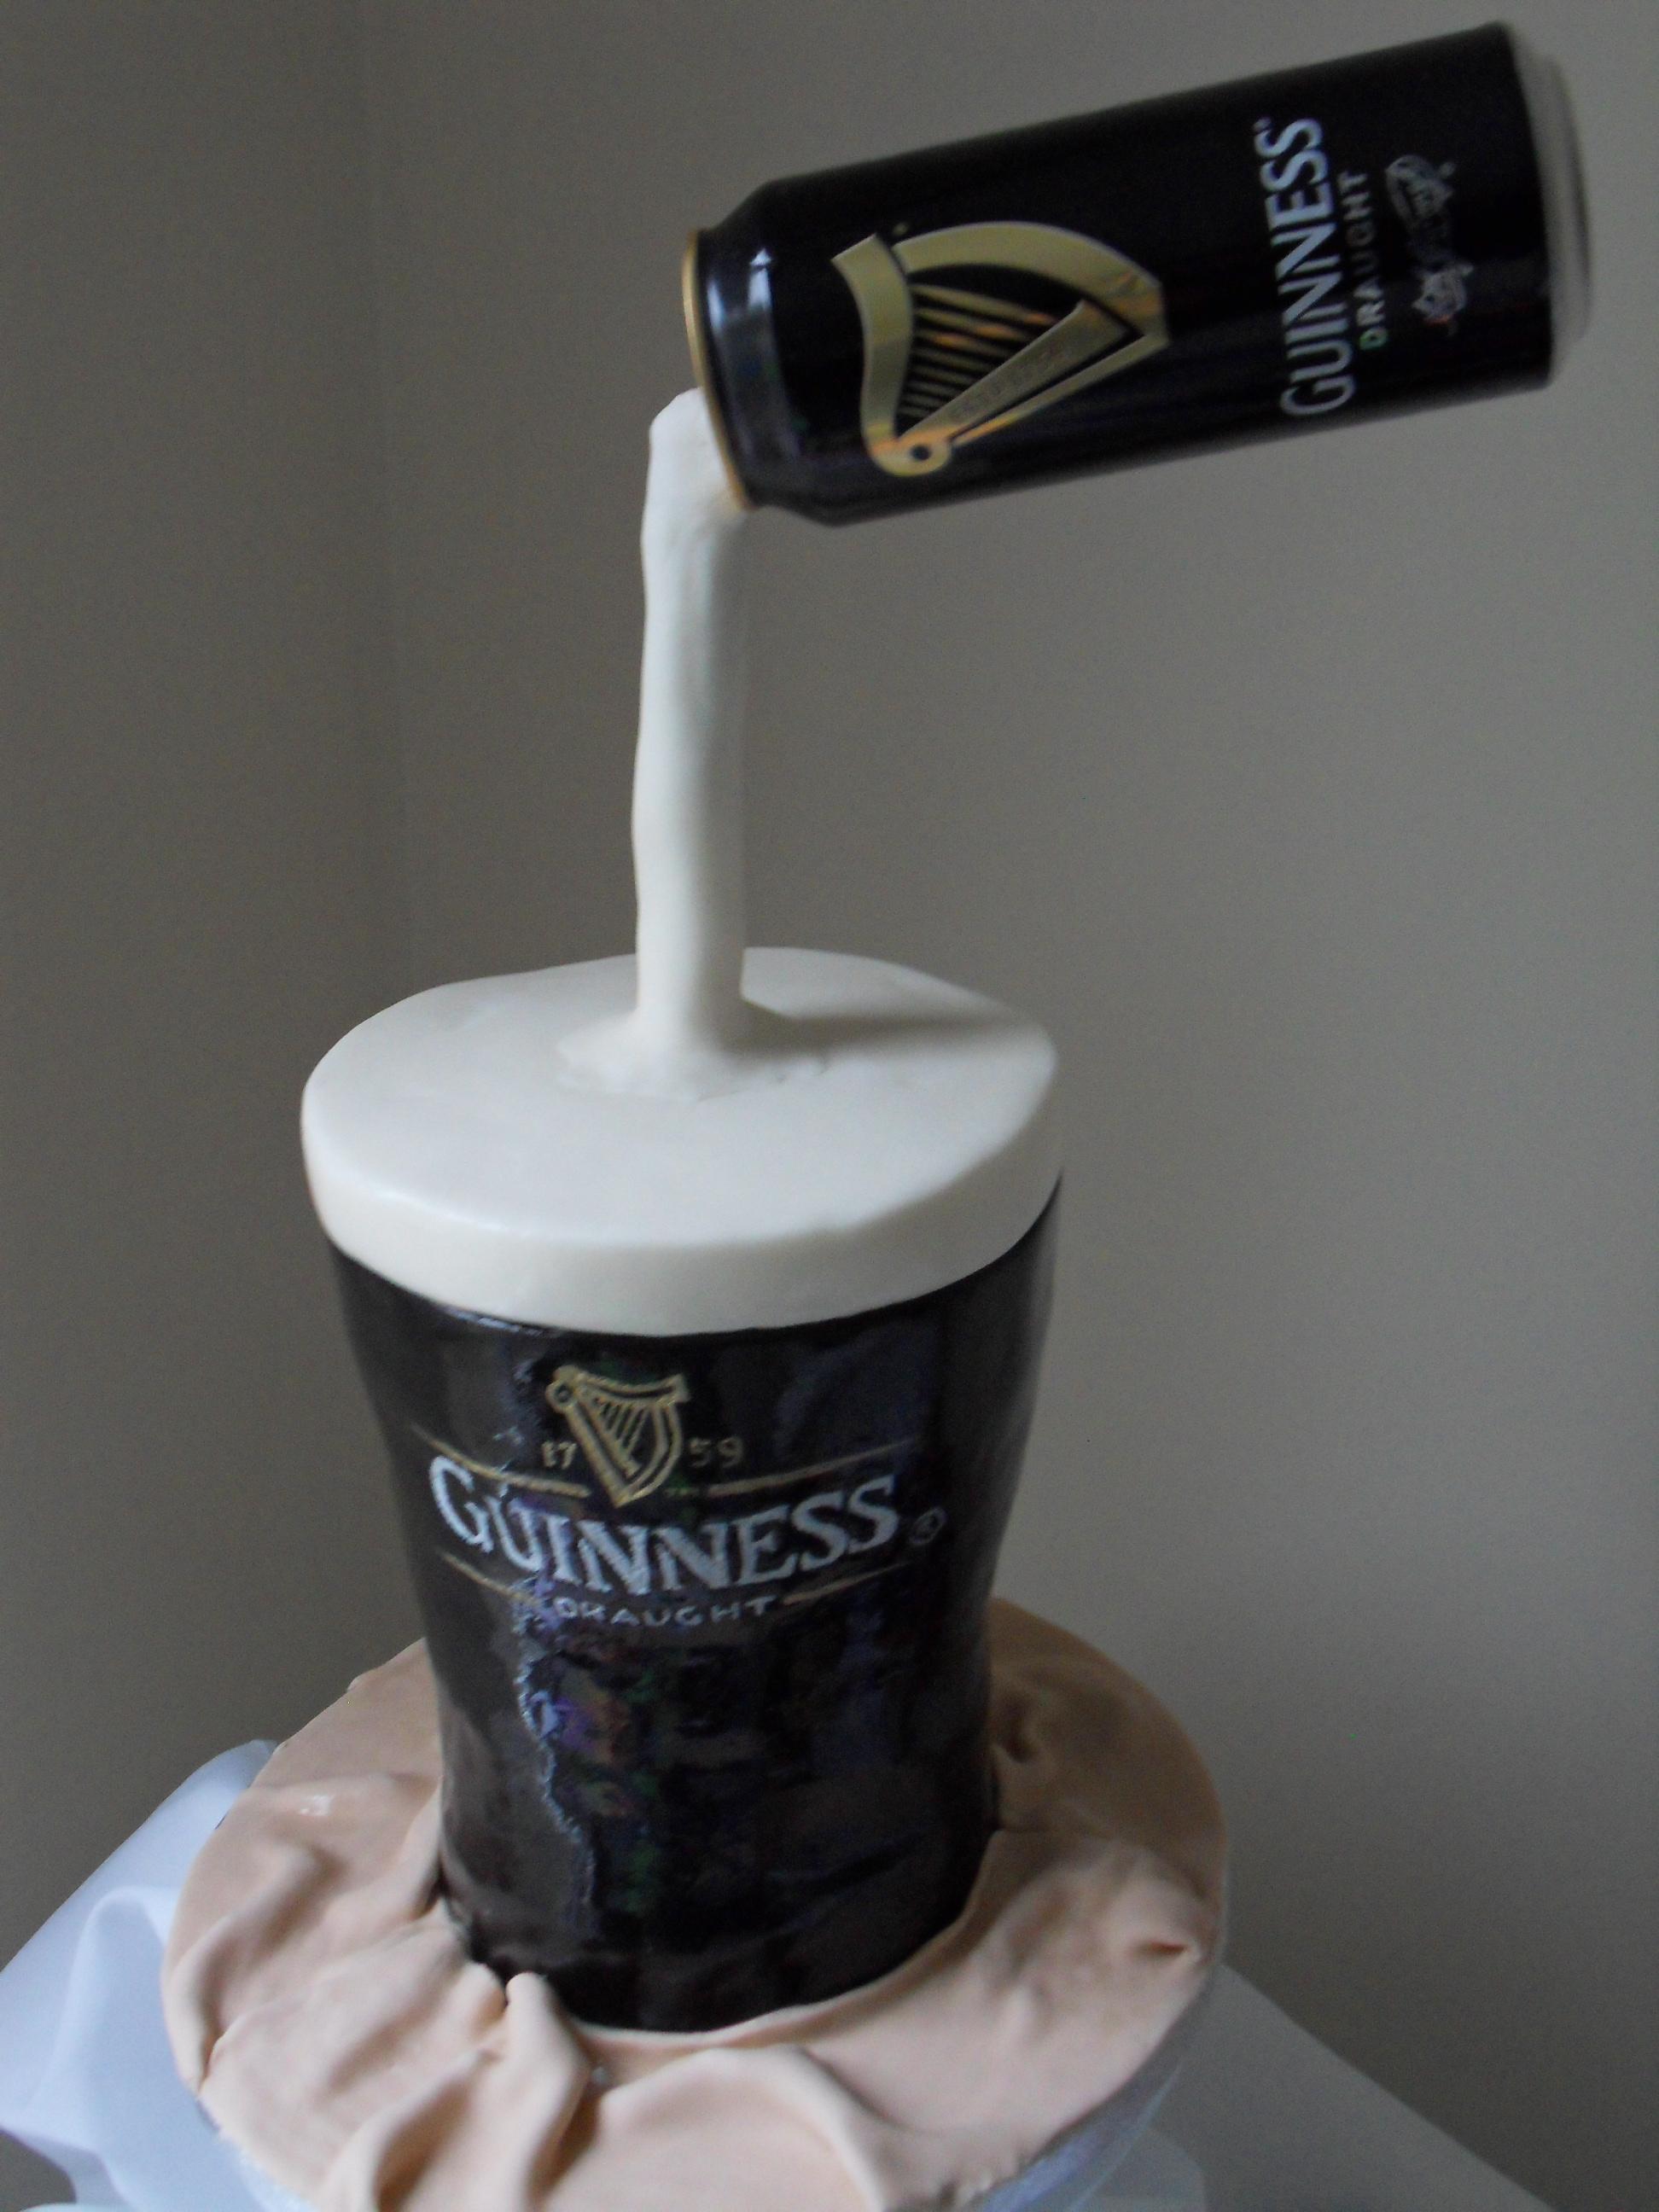 Guinness Glass Cake Cakecentral Com